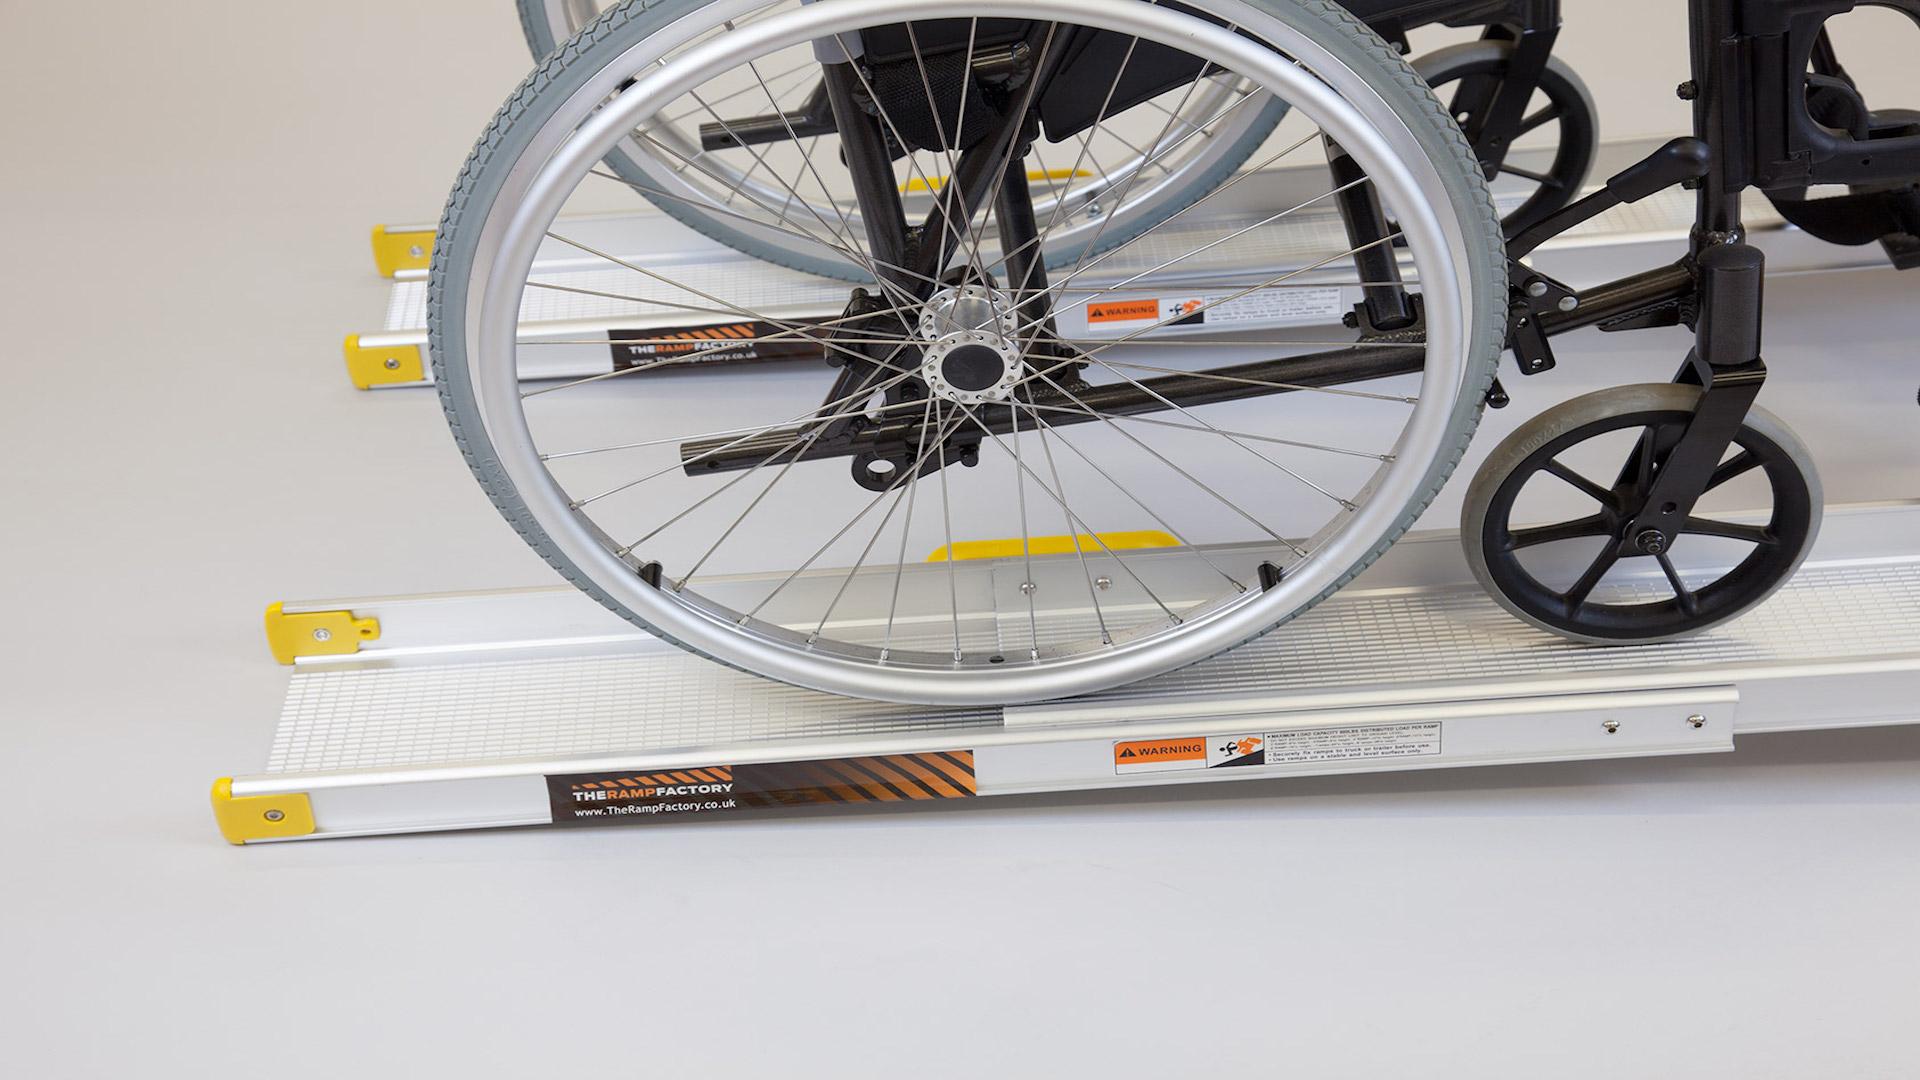 120 x 72 x 5 cm Klapprampe f/ür Rollstuhl mit Rutschfester Oberfl/äche LIEKUMM Rollstuhlrampe Schwellenrampe f/ür Heimtreppen T/üren Treppen MR607WL-4 Mobilit/ätsroller